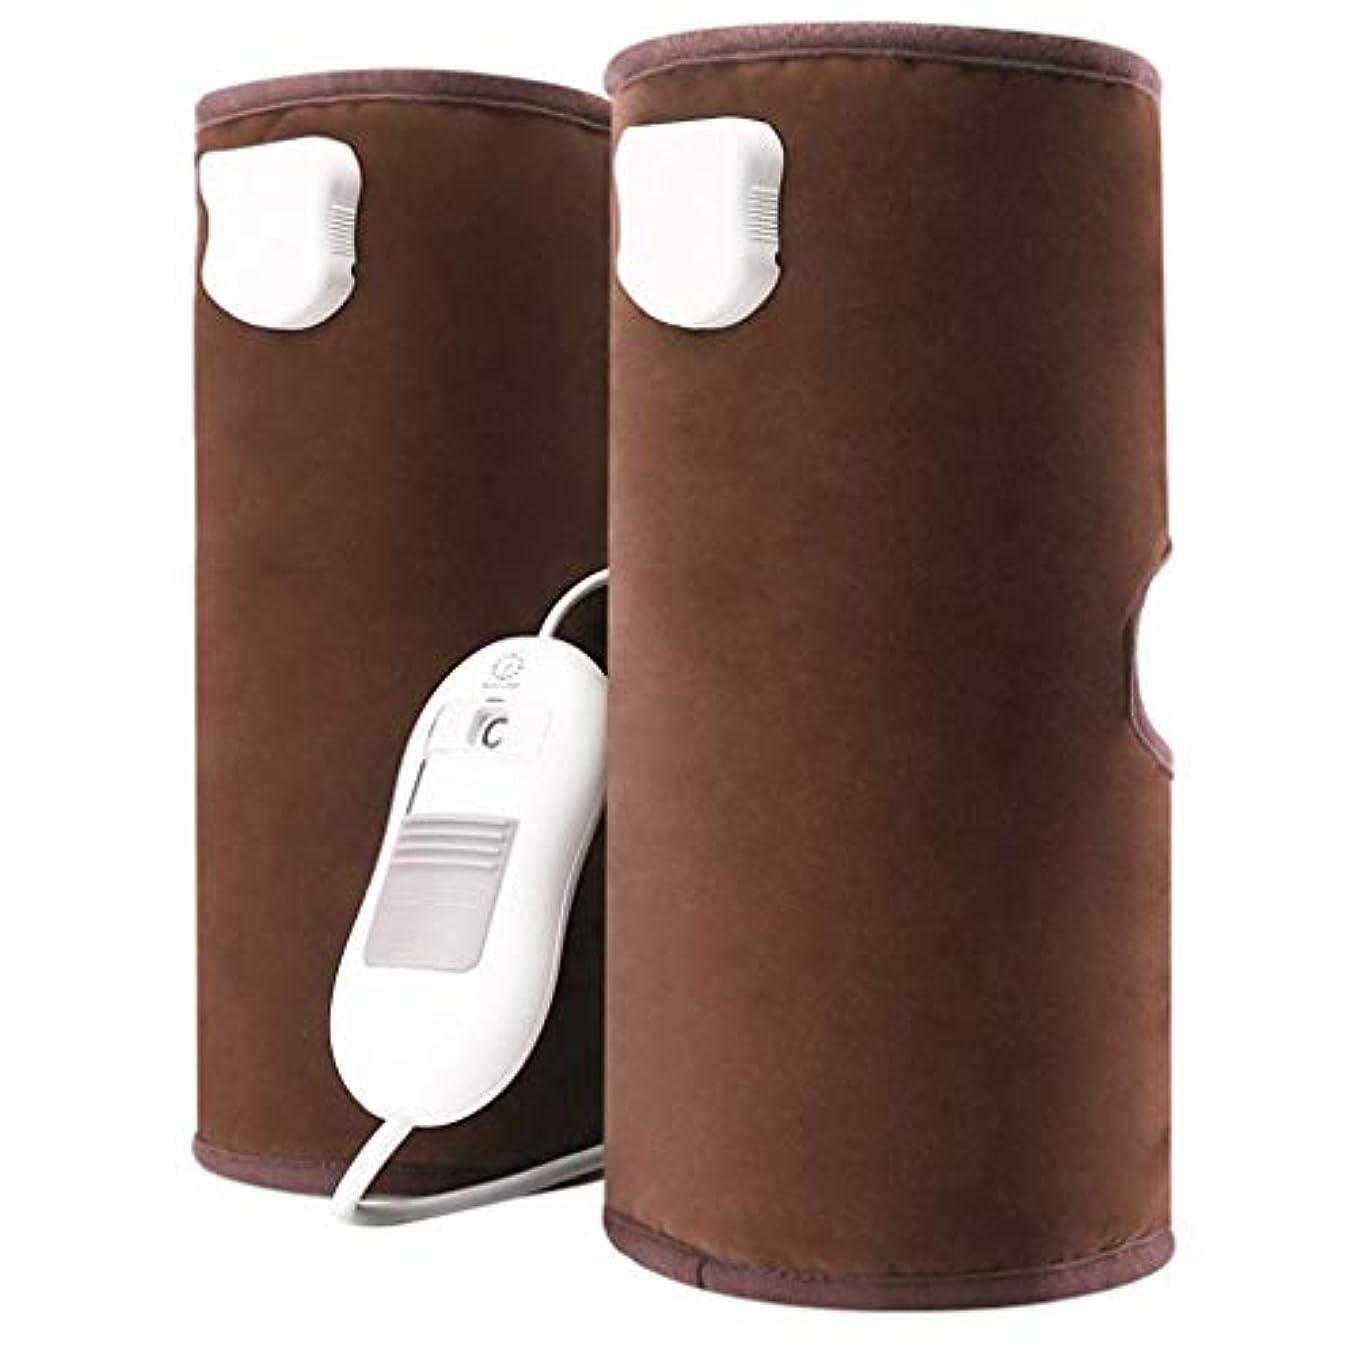 ジャーナリスト狂人王室循環と筋肉の痛みを軽減するための電熱膝パッド空気圧縮脚マッサージ、(青、赤、茶色)父の日ギフト,Brown